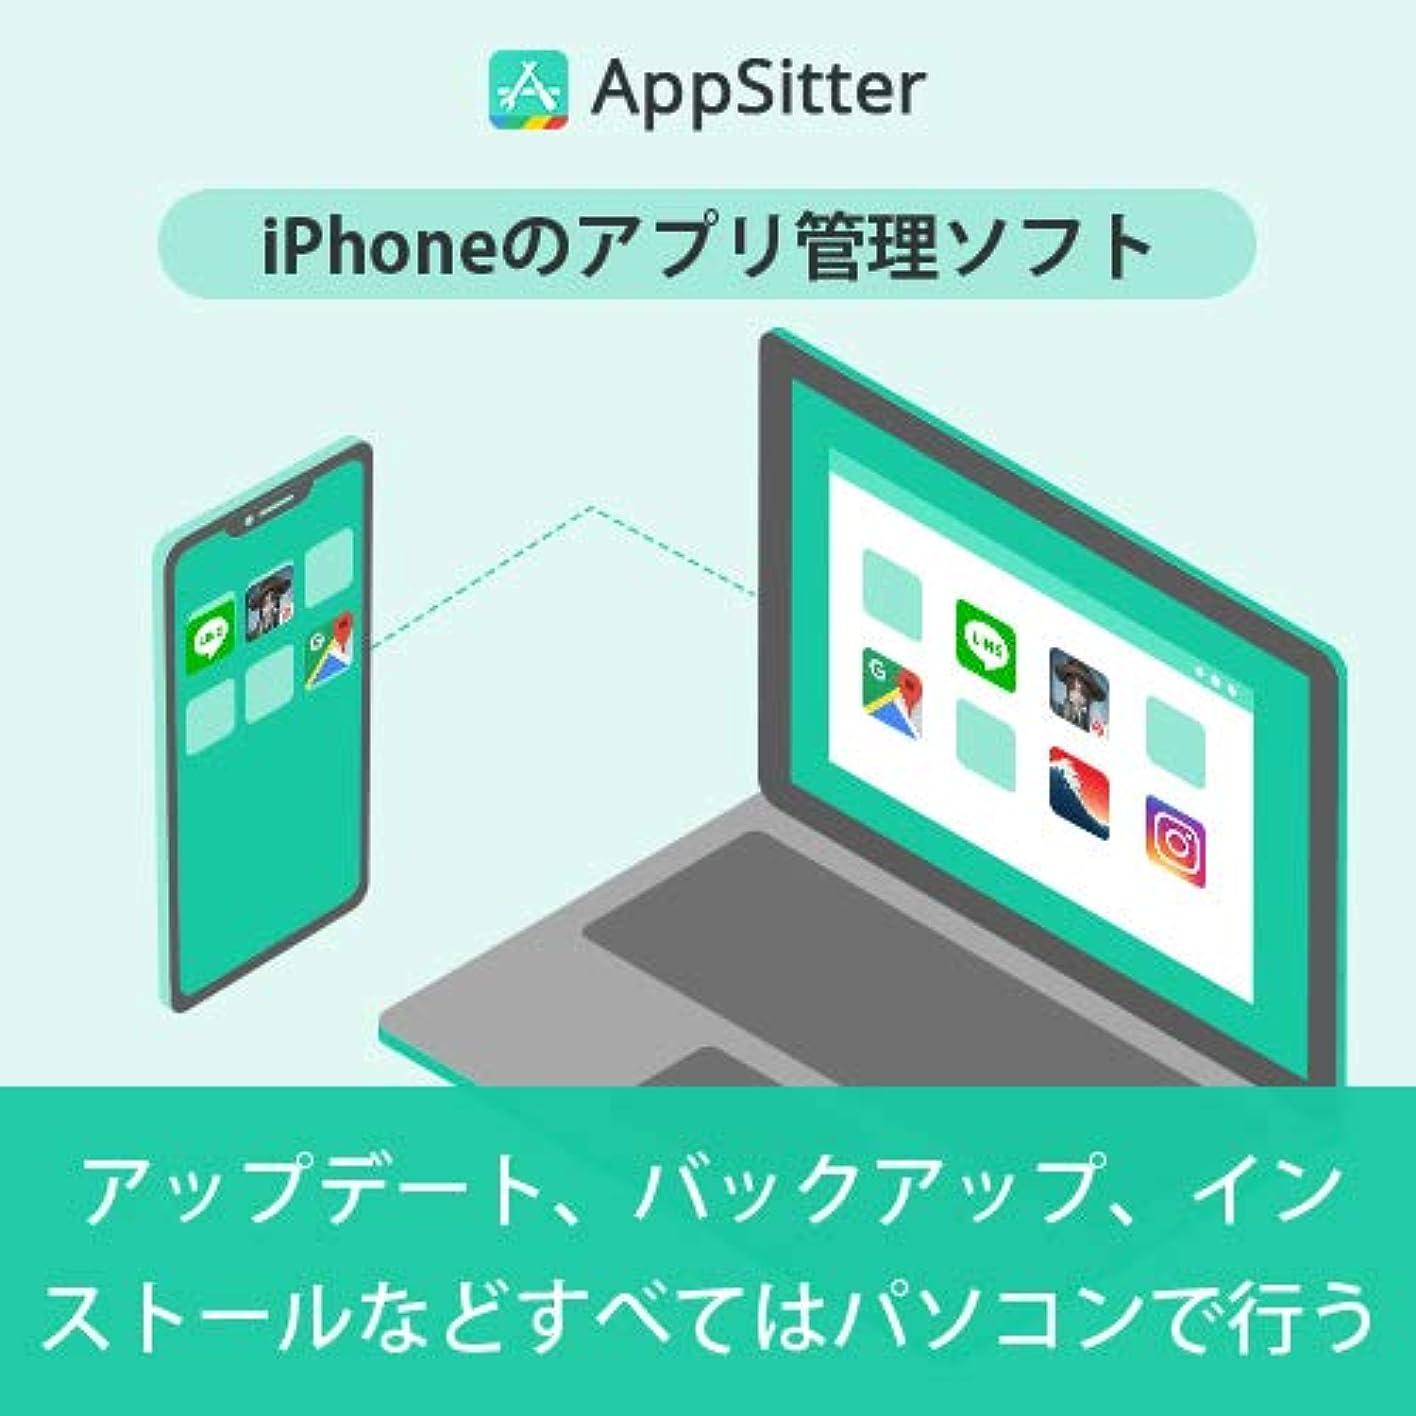 マーキング祖母コア【無料版】 AppSitter for Win【iPhone、iPad のアプリをパソコンの画面から効率管理! アプリのダウンロード保存、ホーム画面の管理にも】|ダウンロード版